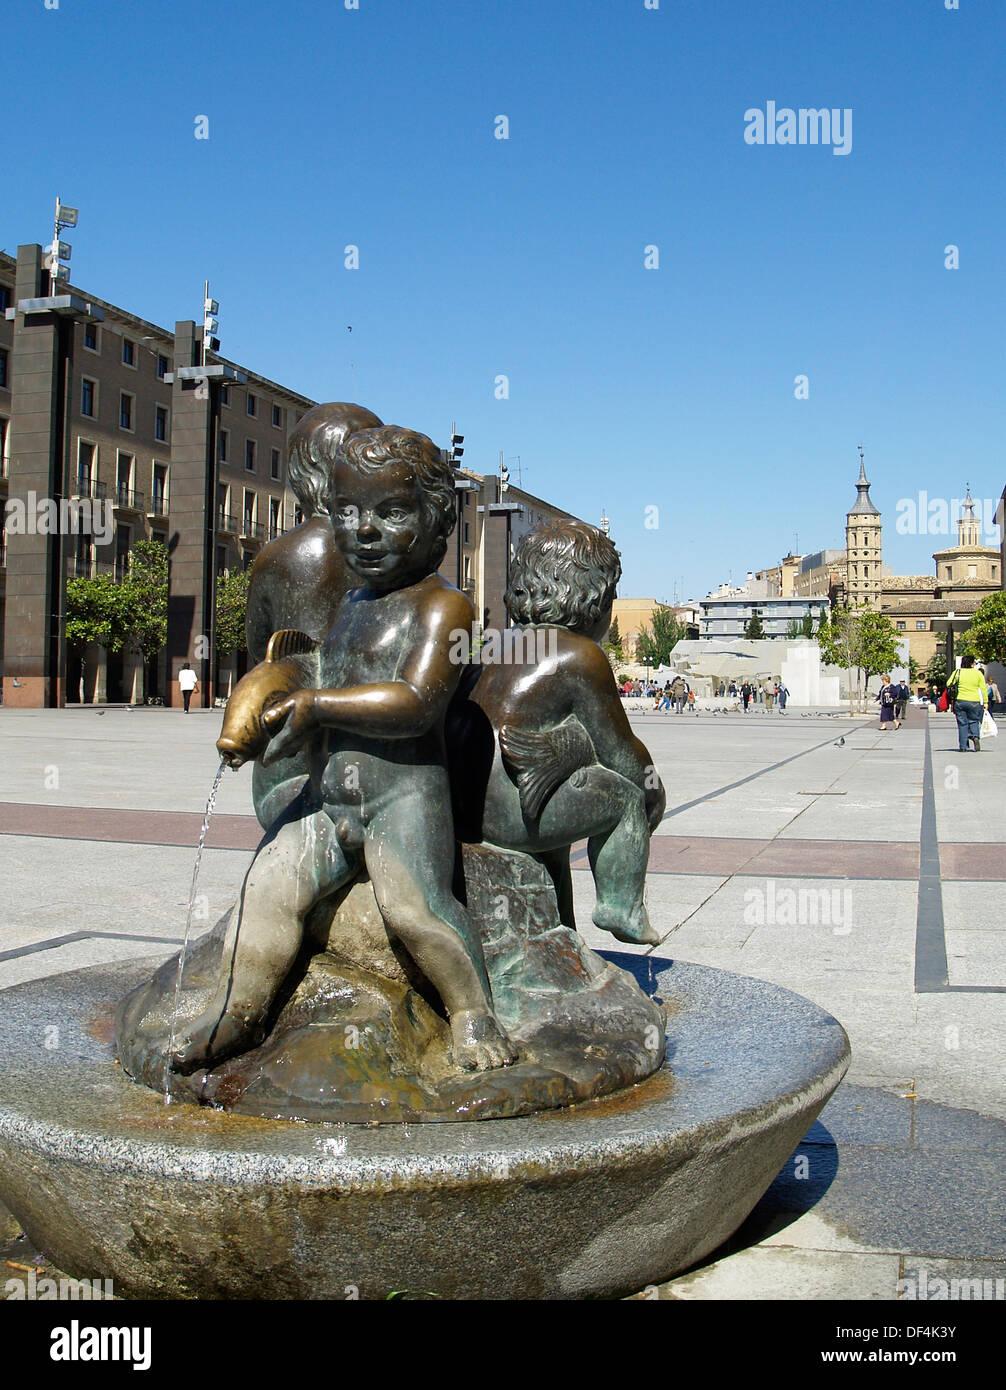 Plaza El Pilar,Zaragoza,Spain - Stock Image